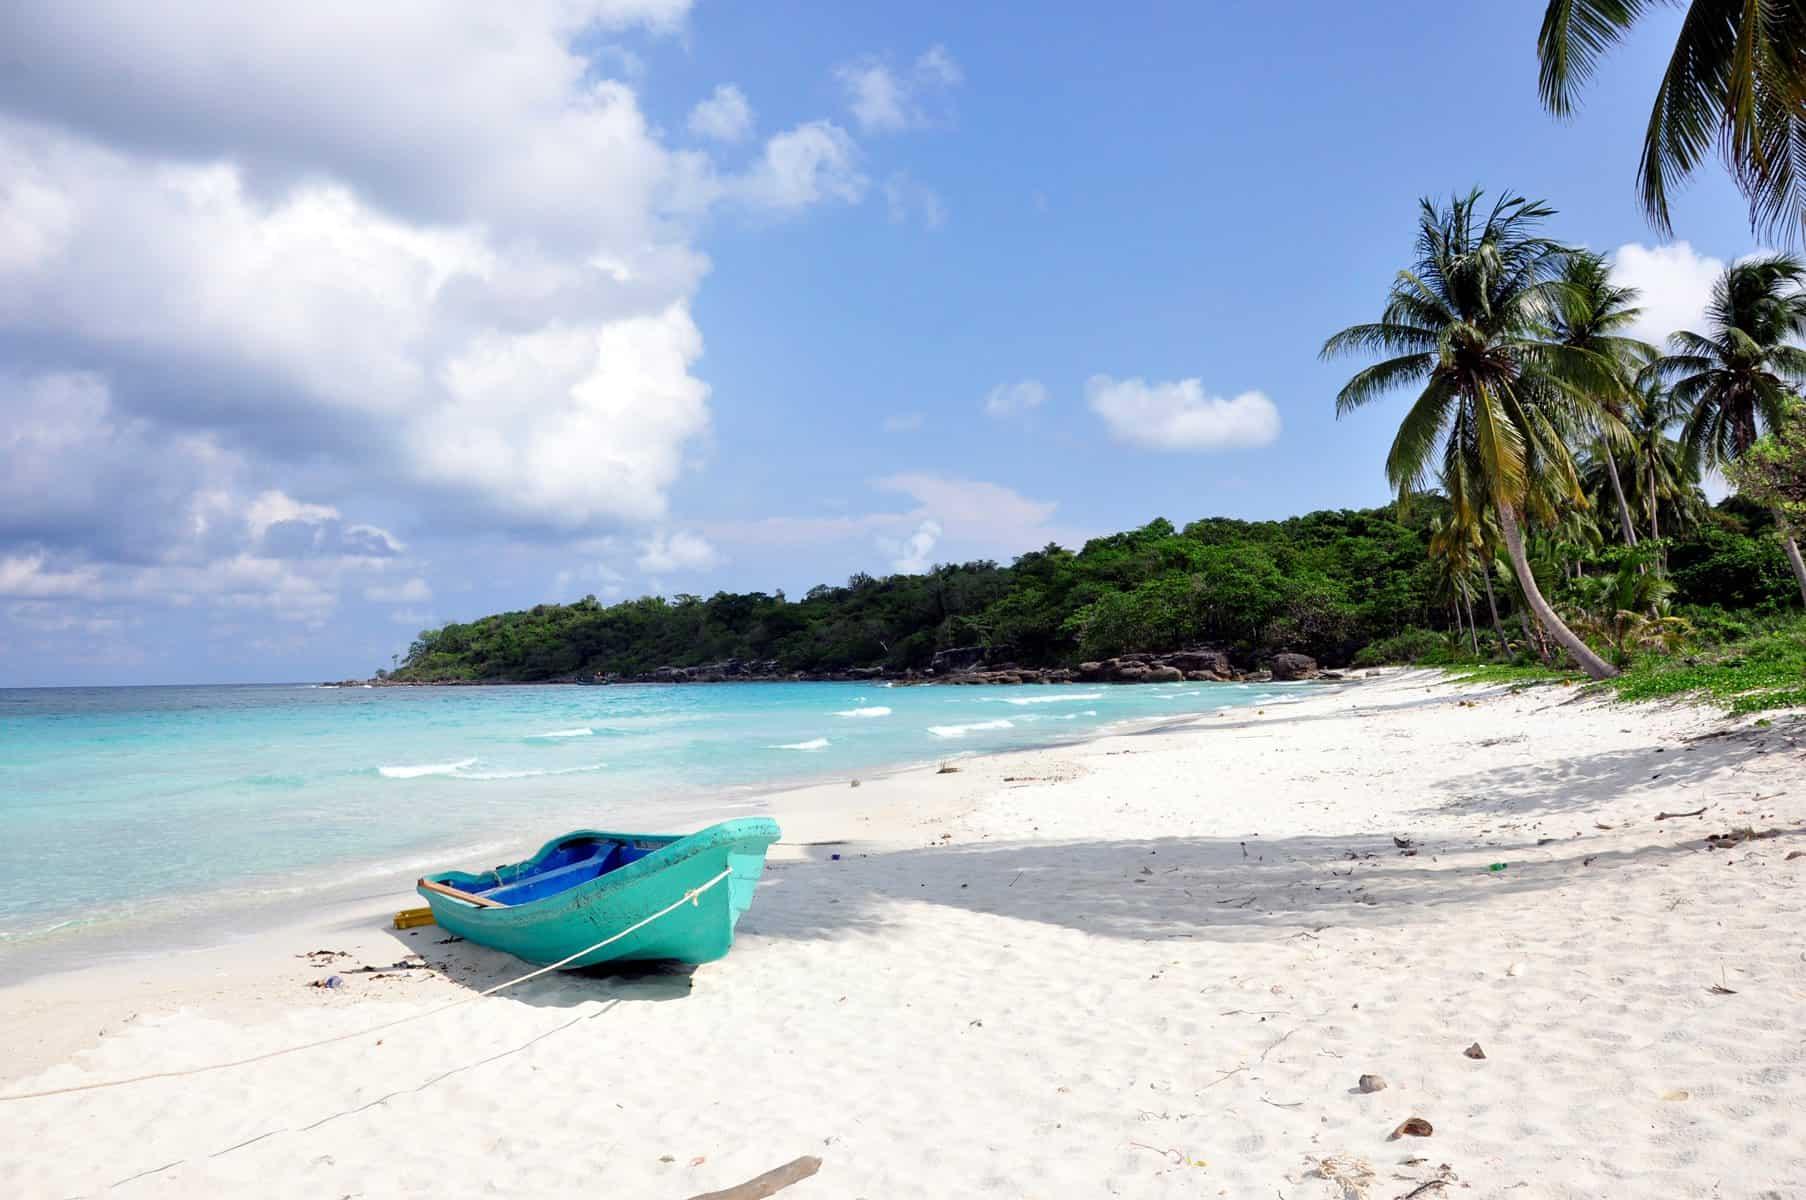 Bãi tắm cát trắng đầy hoang sơ tại Thổ Chu.